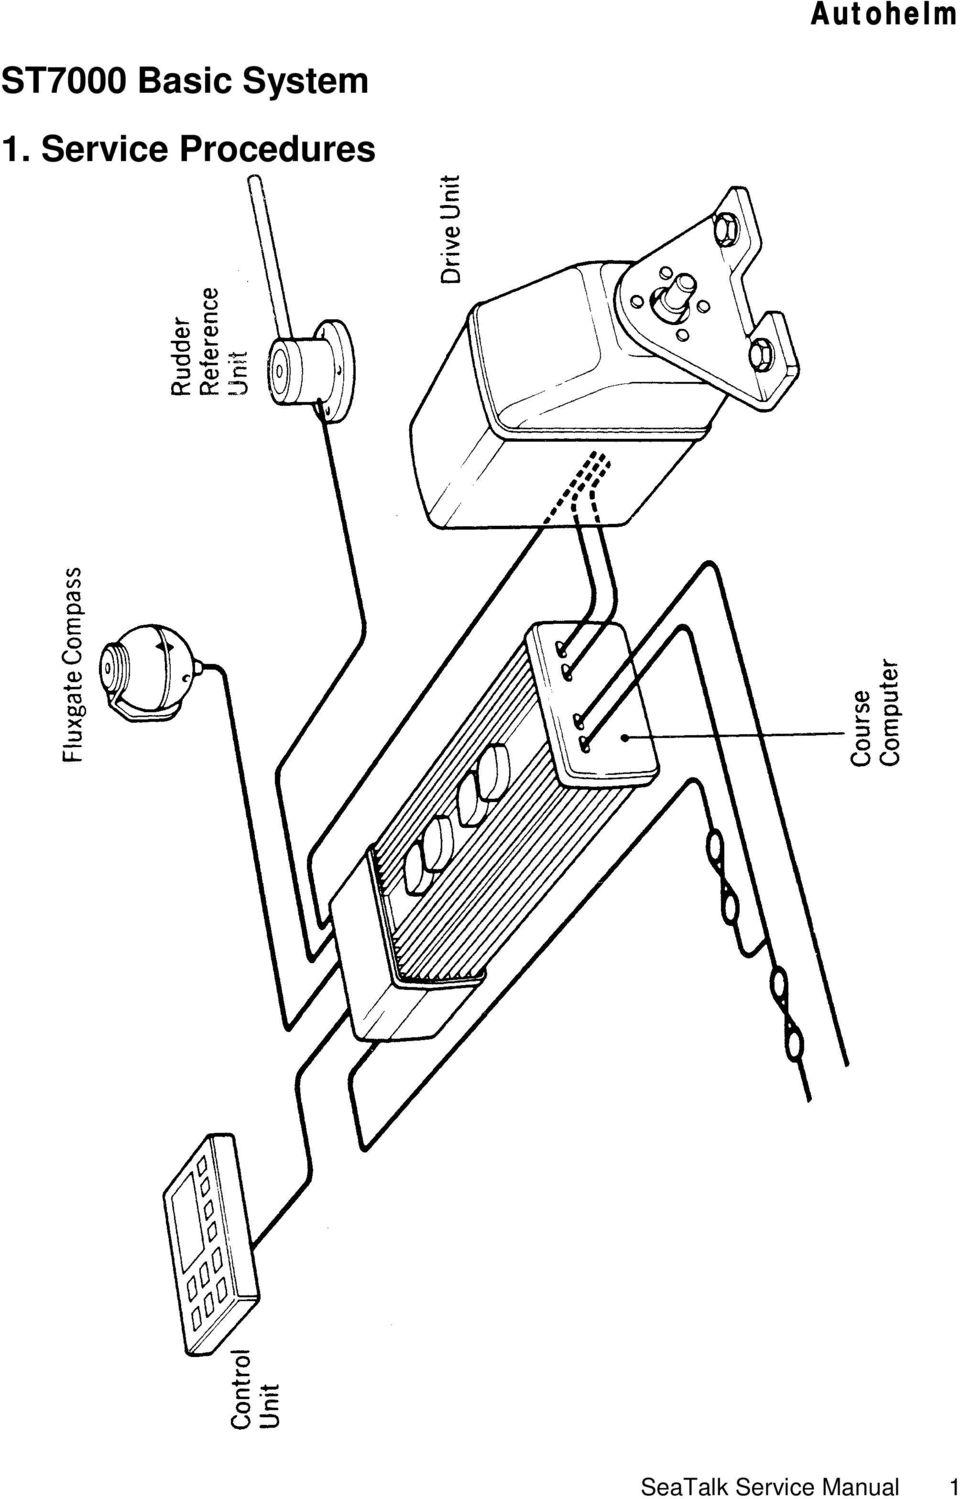 Autohelm. Autohelm Inboard Autopilots (ST6000 and ST7000